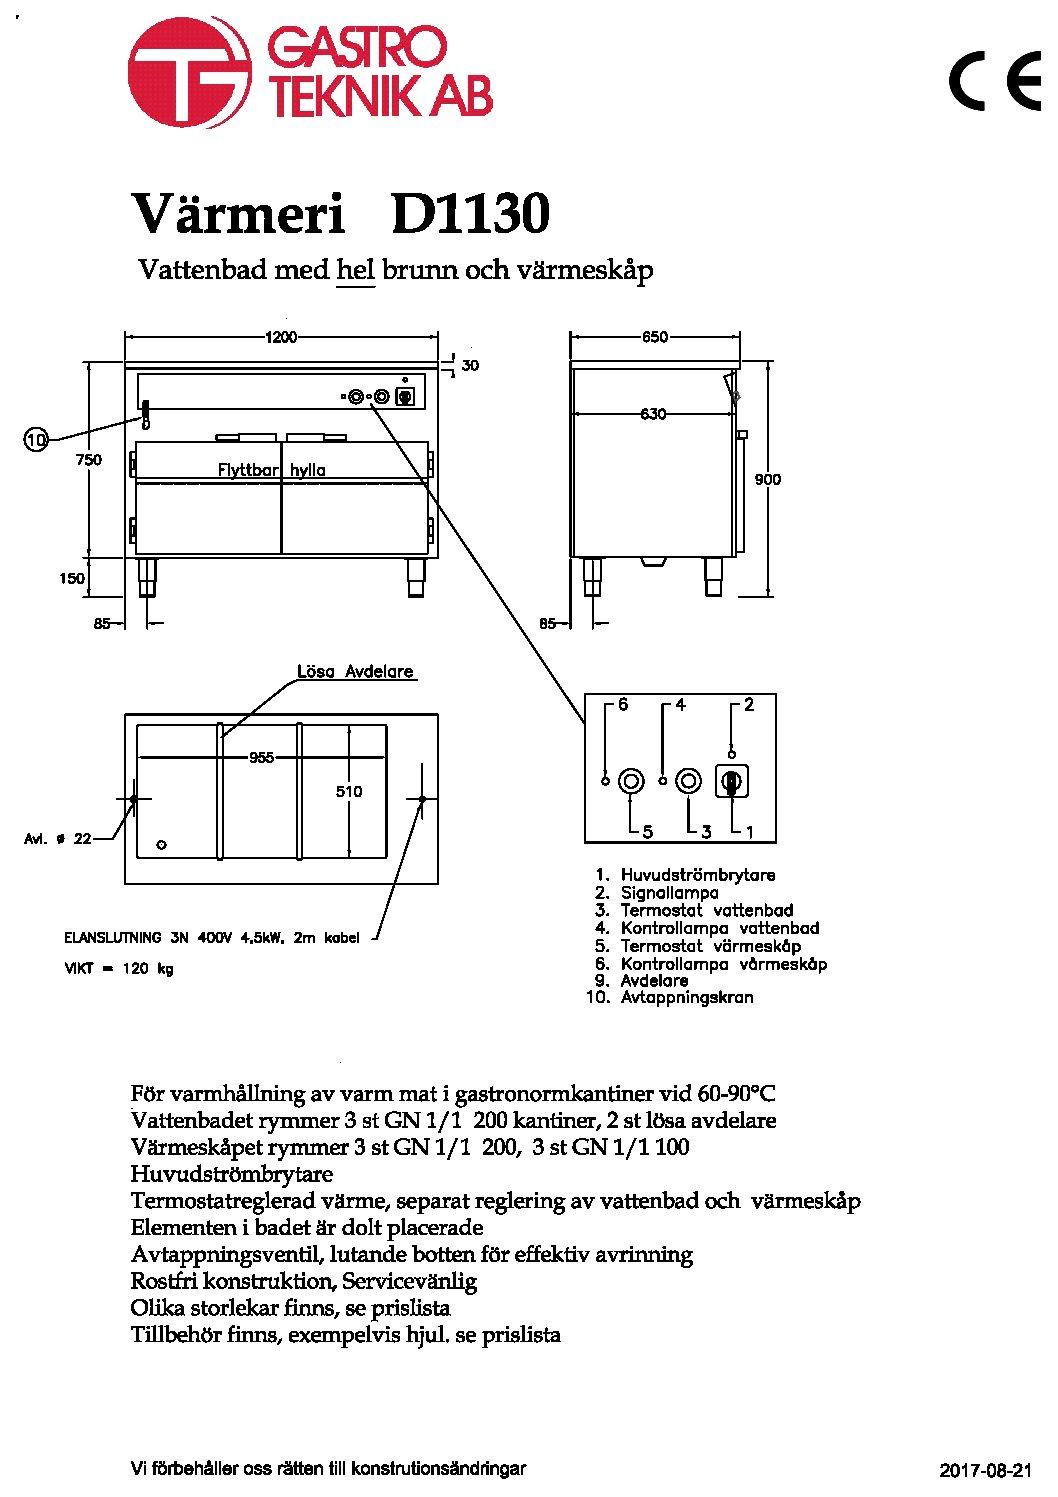 Värmeri / Vattenbad med värmeskåp